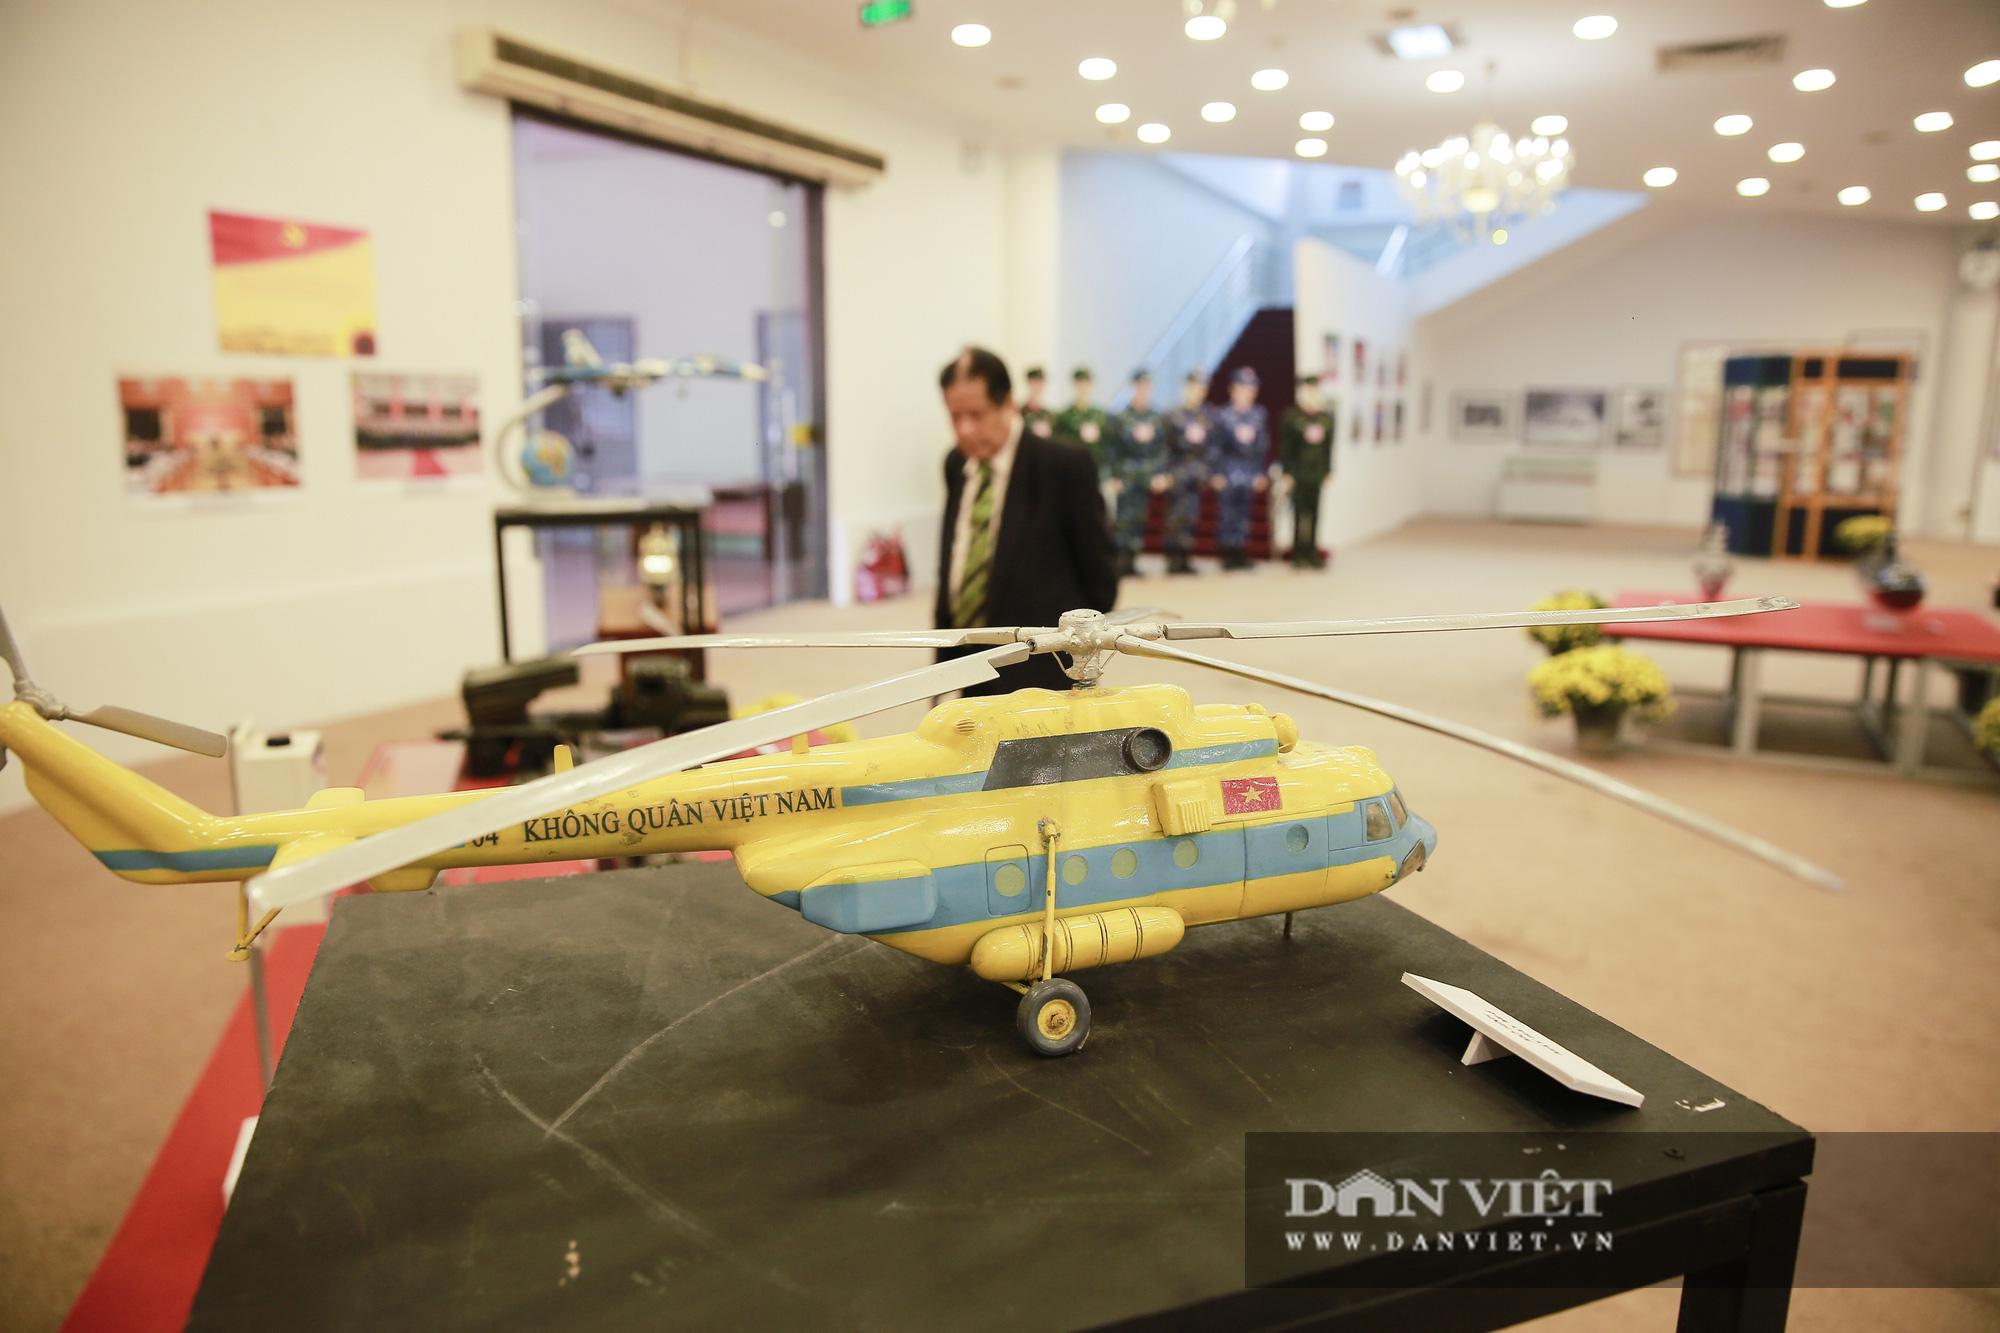 """Cận cảnh những tư liệu quý và khí tài quân sự Việt Nam tại triển lãm """"Đảng ta thật là vĩ đại"""" - Ảnh 6."""